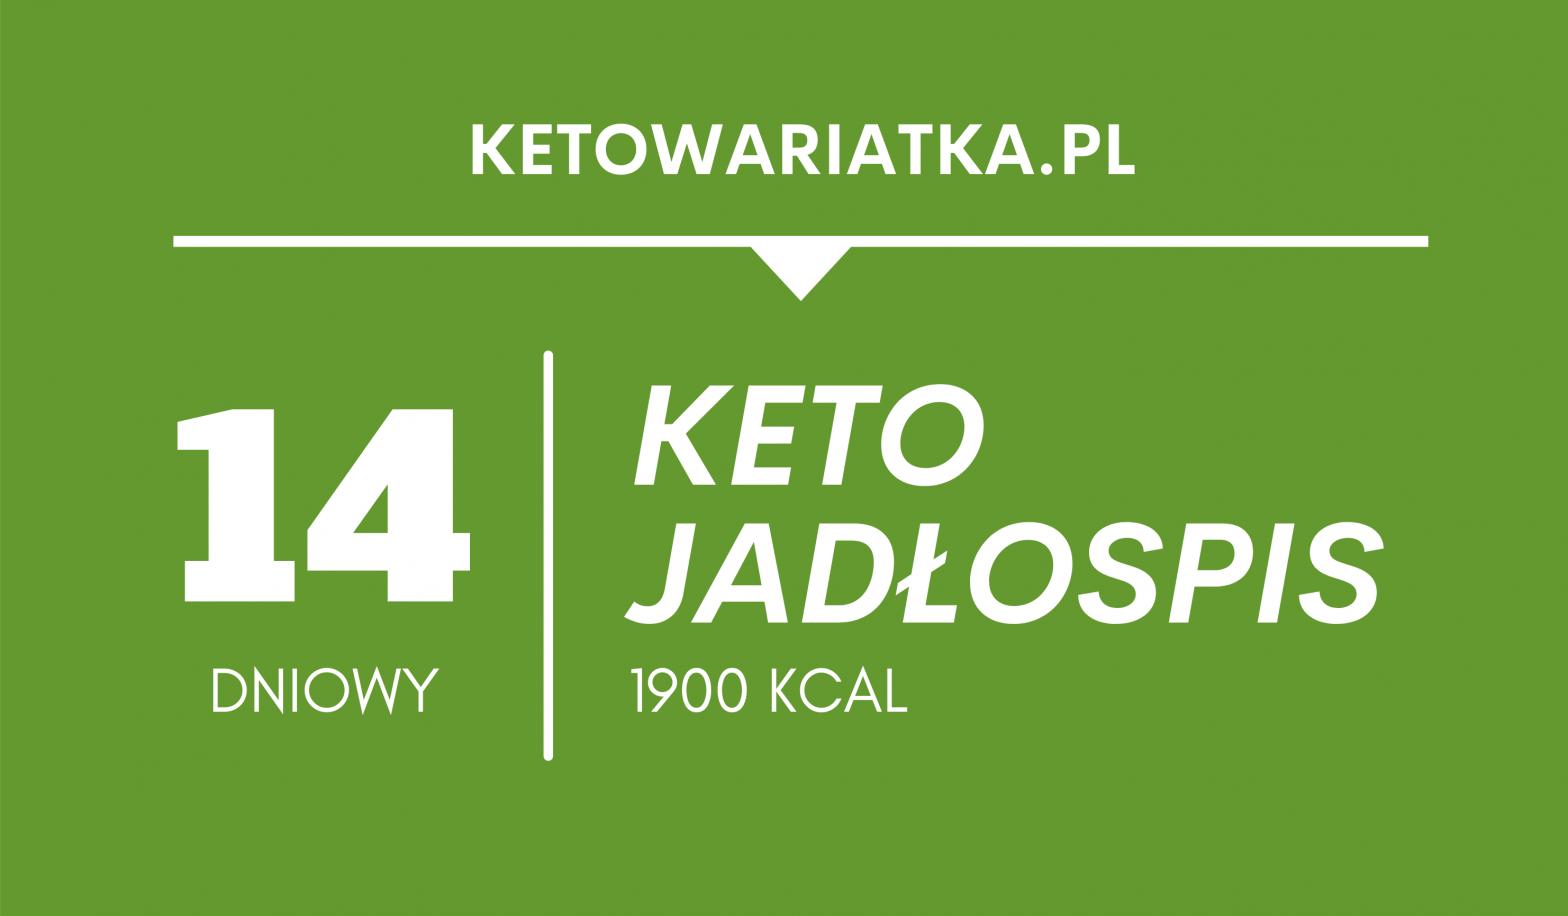 Wegetariański keto jadłospis - 14 dni (1900 kcal)